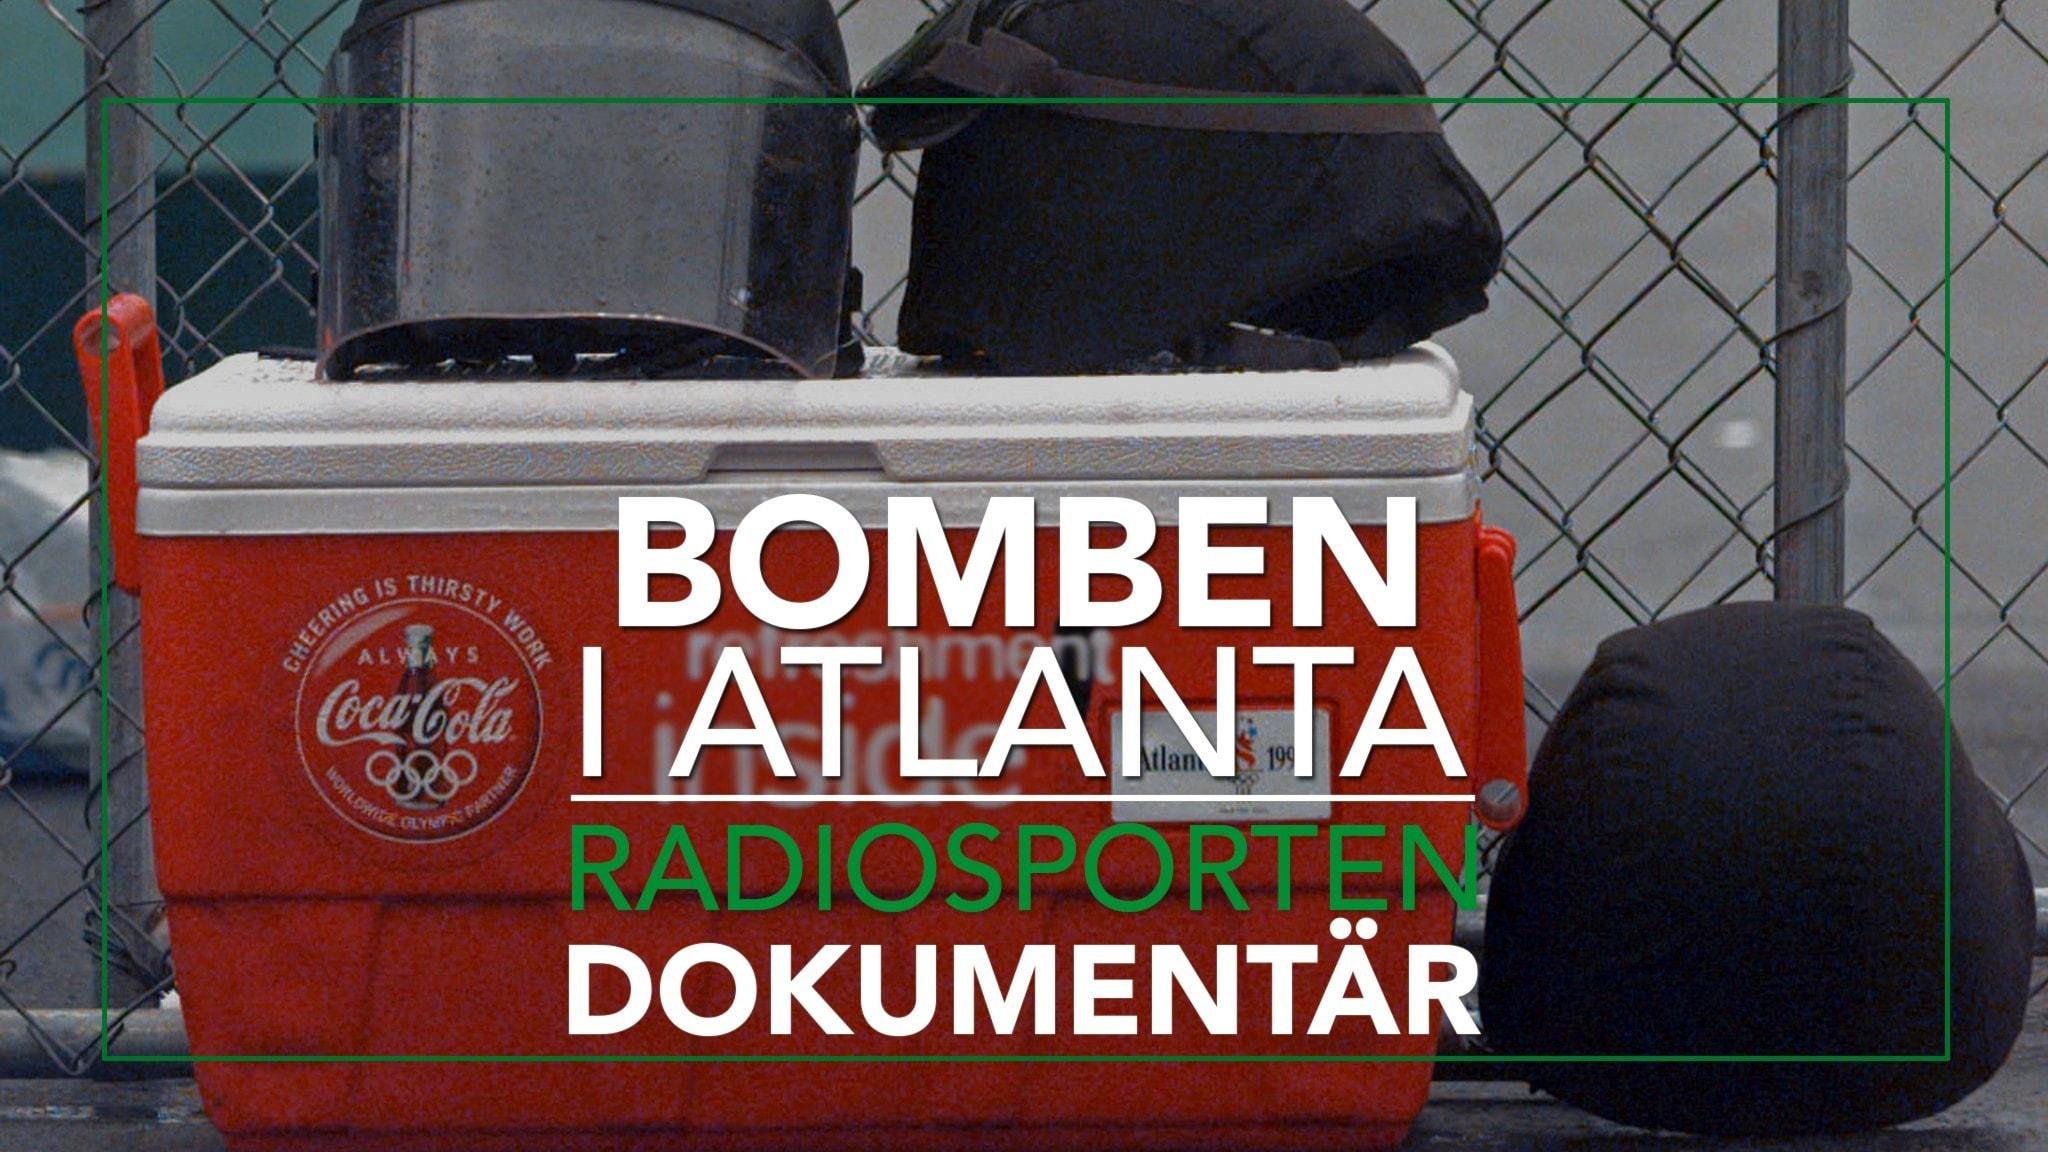 Bomben i Atlanta